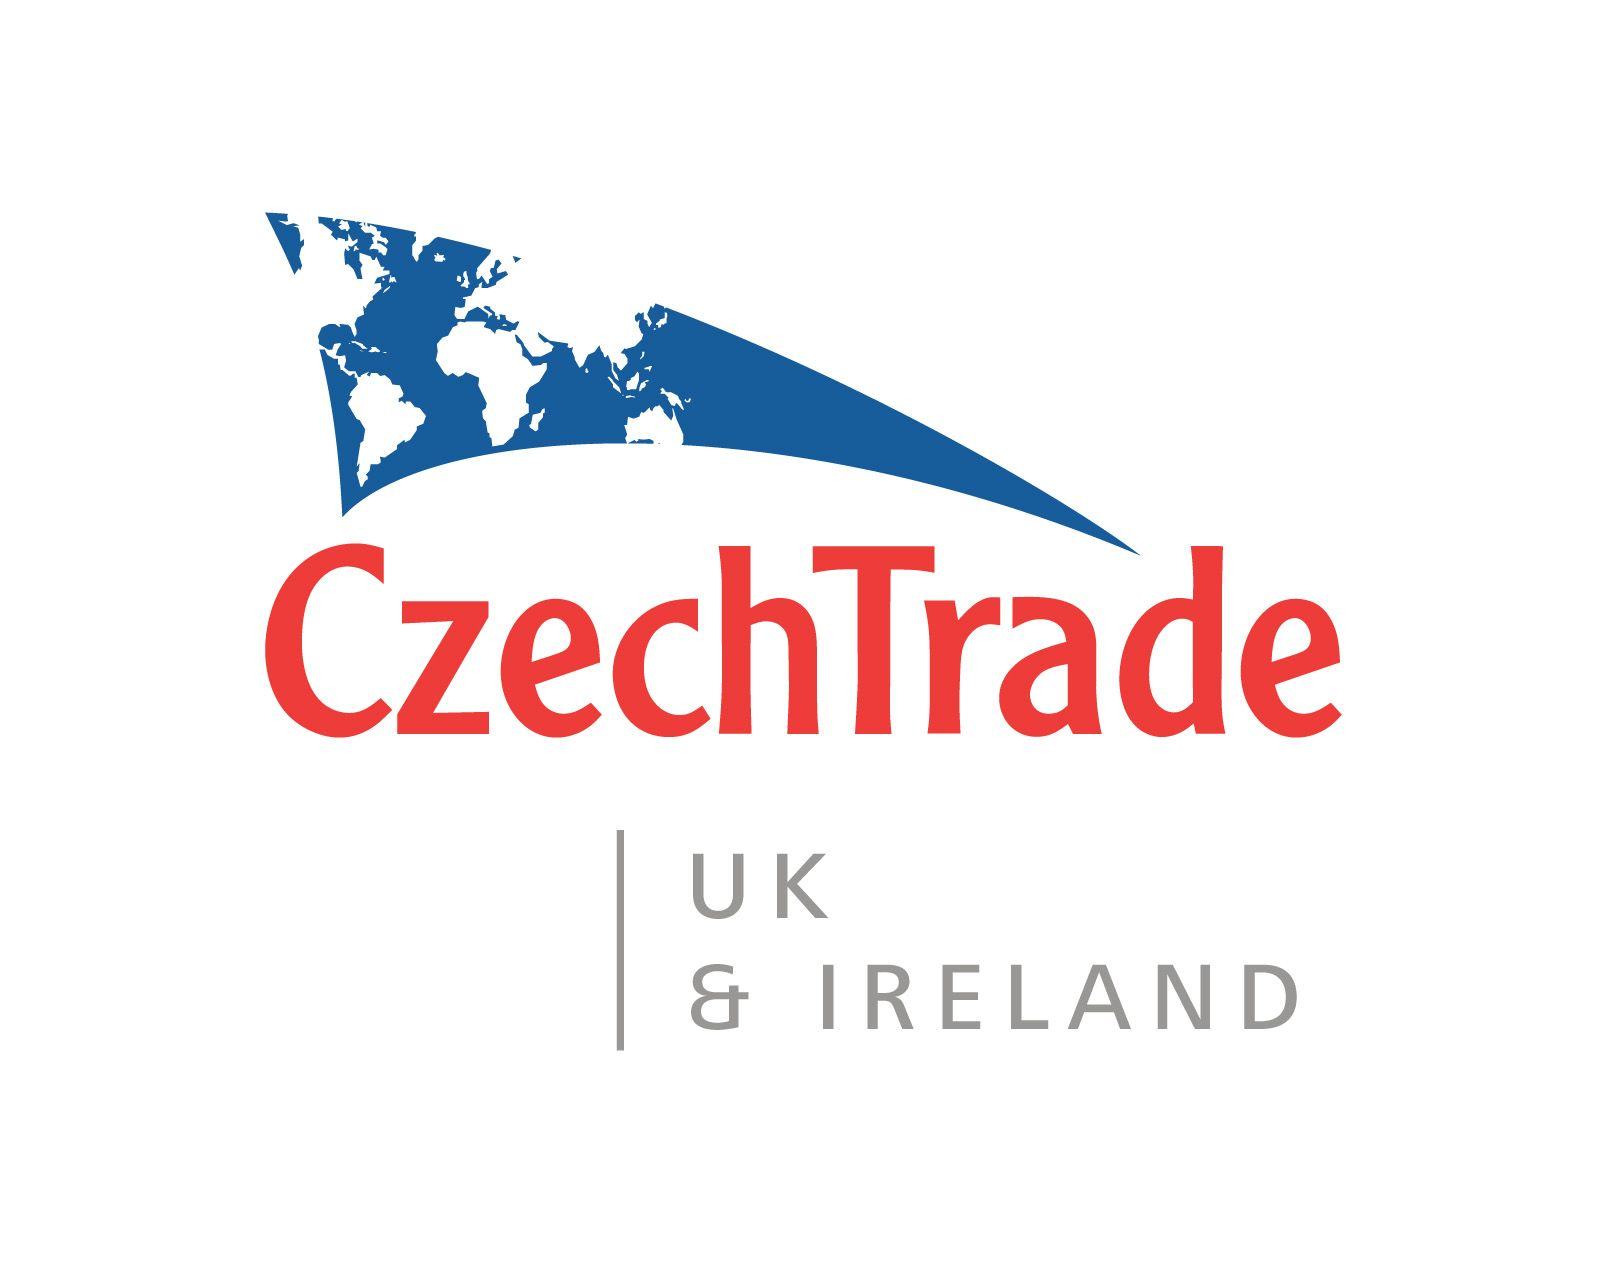 CzechTrade UK & Ireland